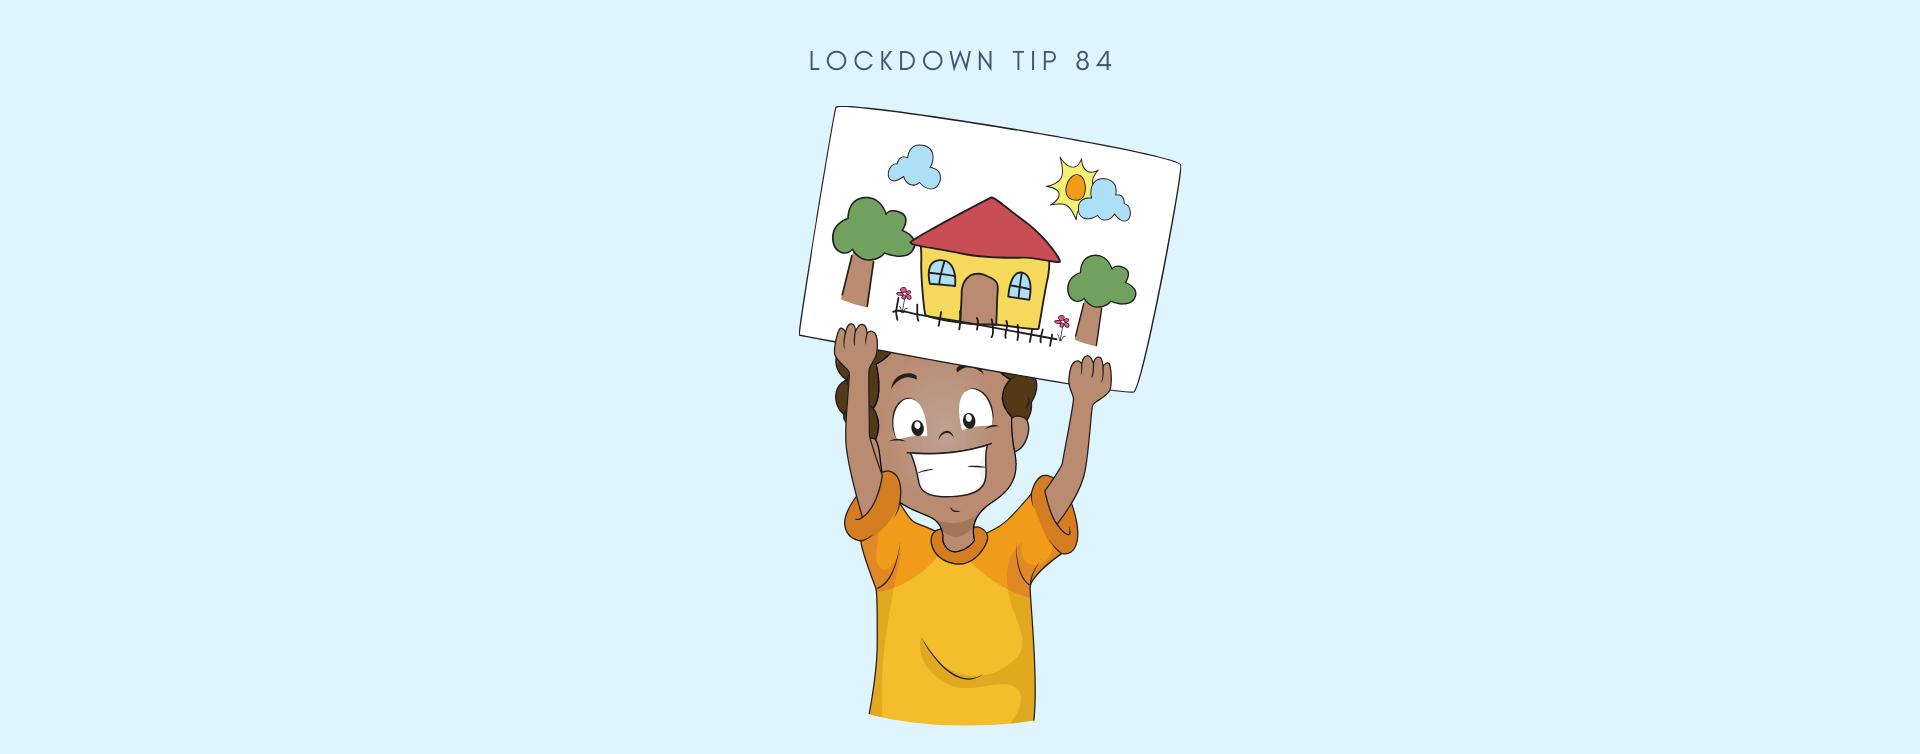 MCSA Lockdown Tip 84